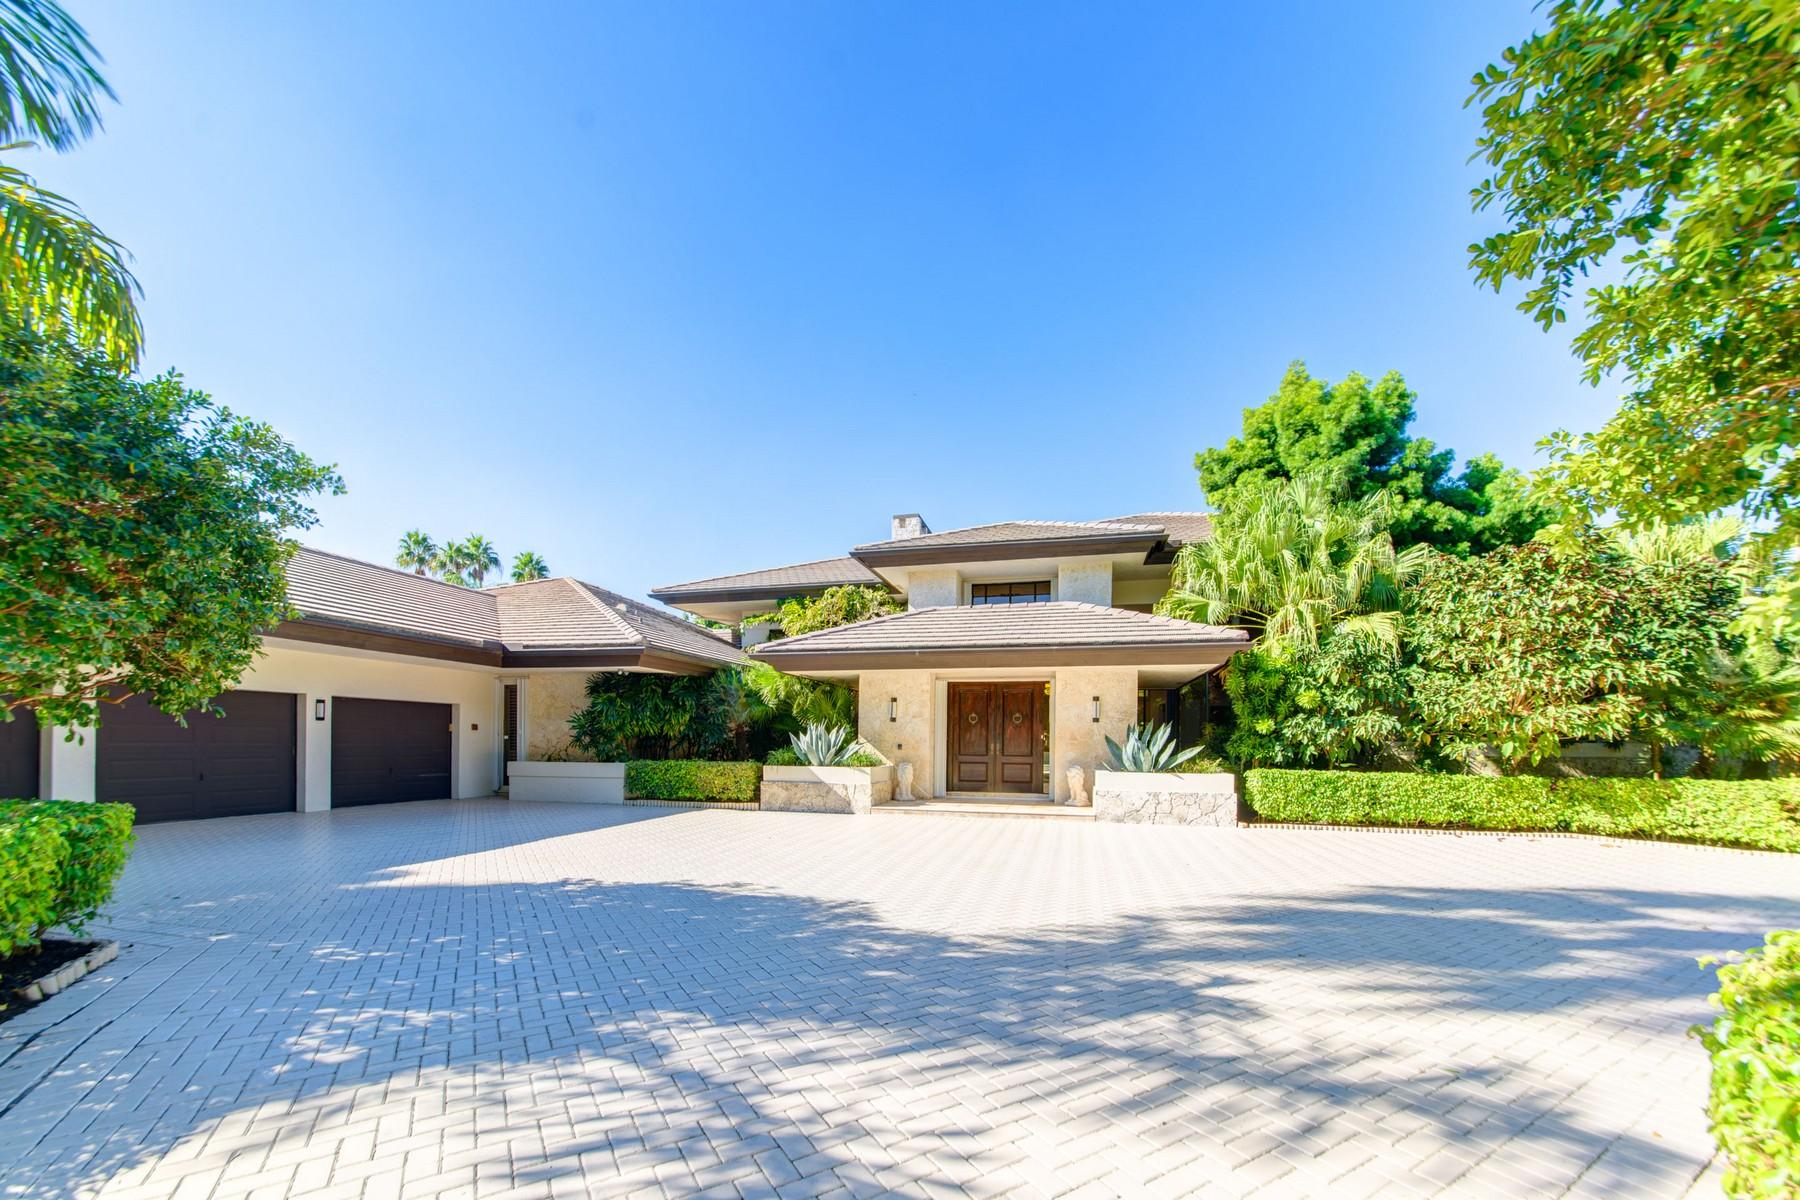 단독 가정 주택 용 매매 에 2741 Long Meadow Drive Wellington, 플로리다, 33414 미국